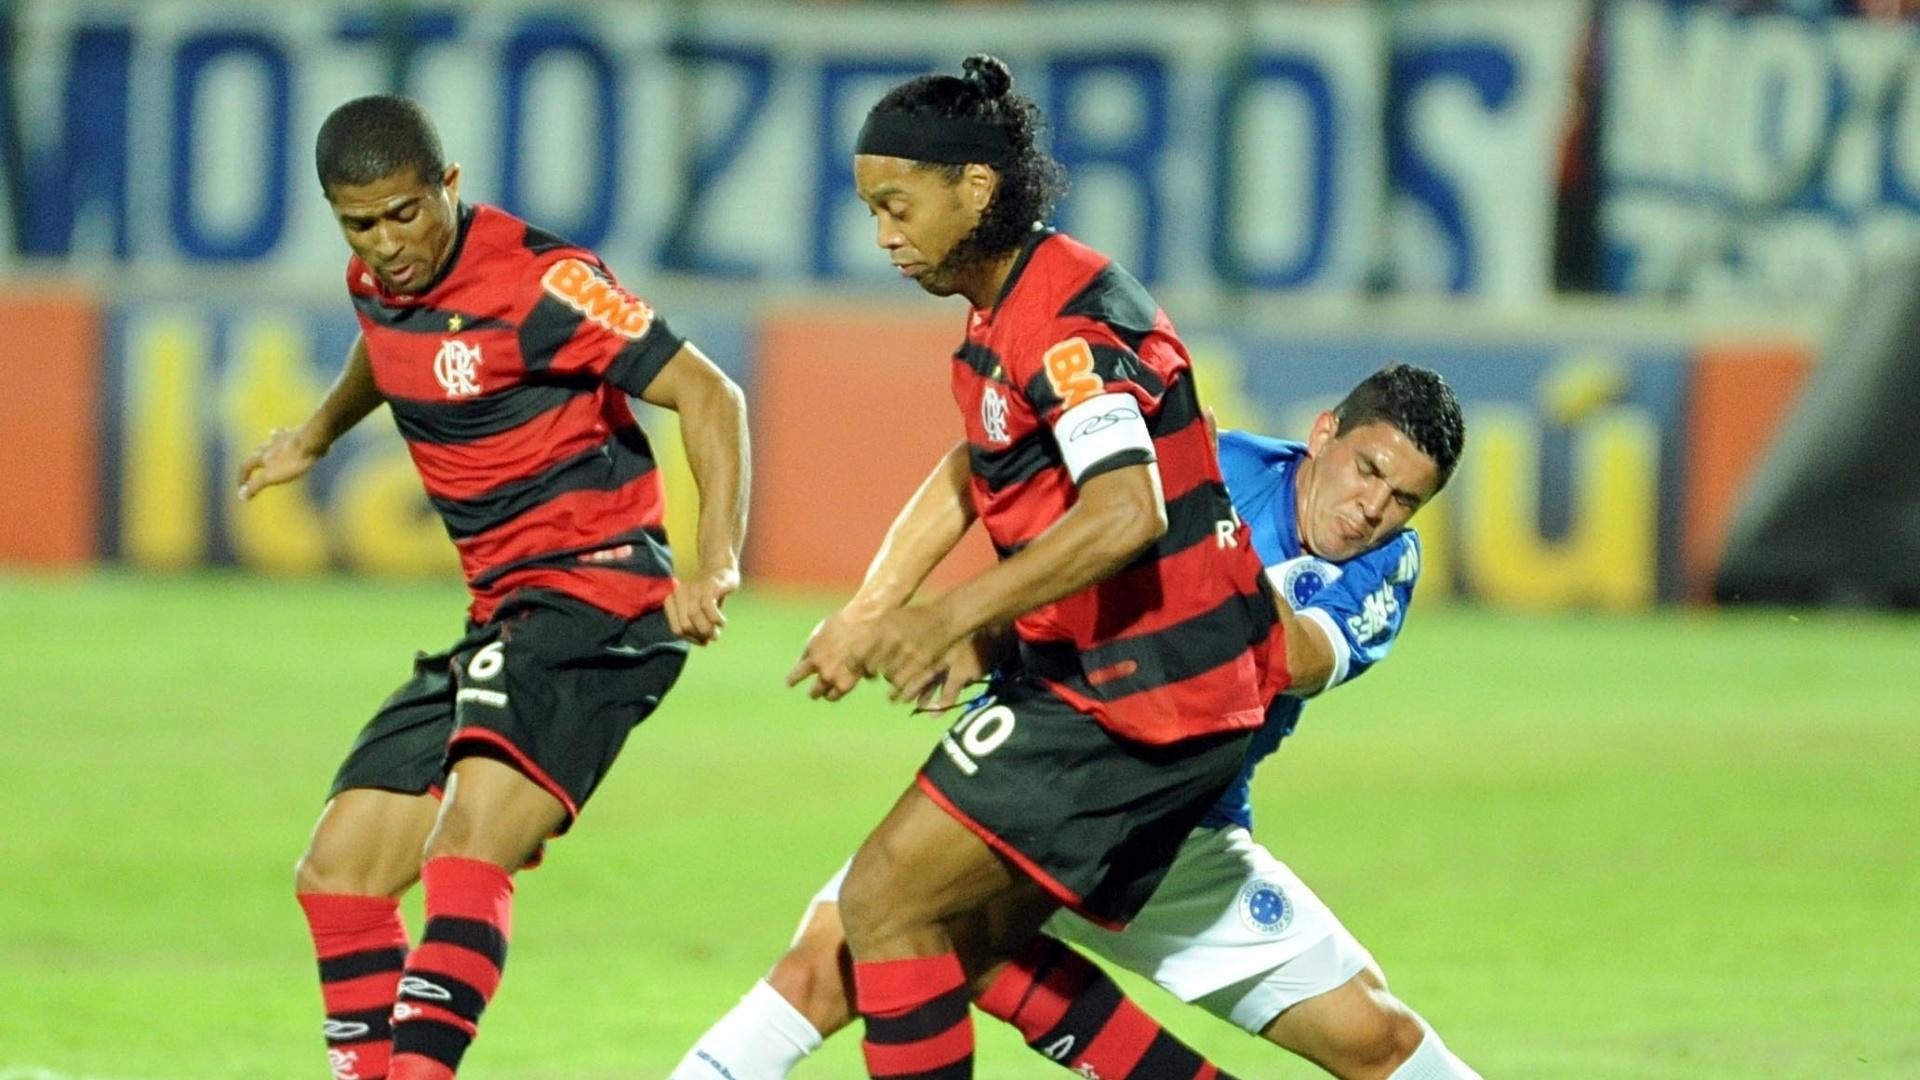 Ronaldinho e Junior Cesar disputam a bola com Diego Renan durante jogo entre Cruzeiro e Flamengo